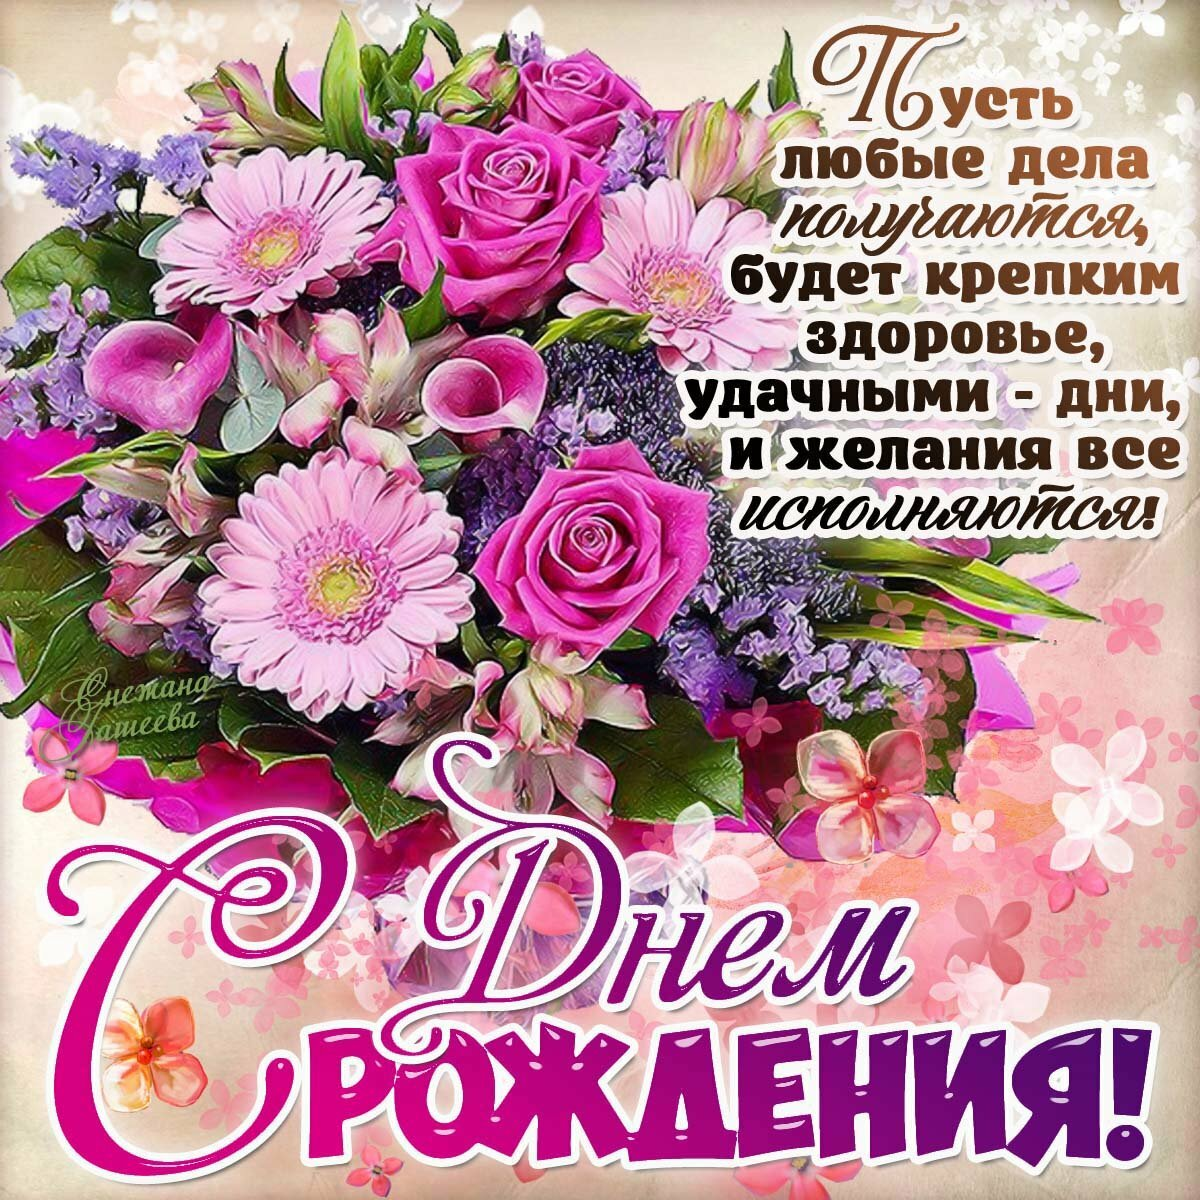 поздравления с днем рождения для доры понятно изложено доступной